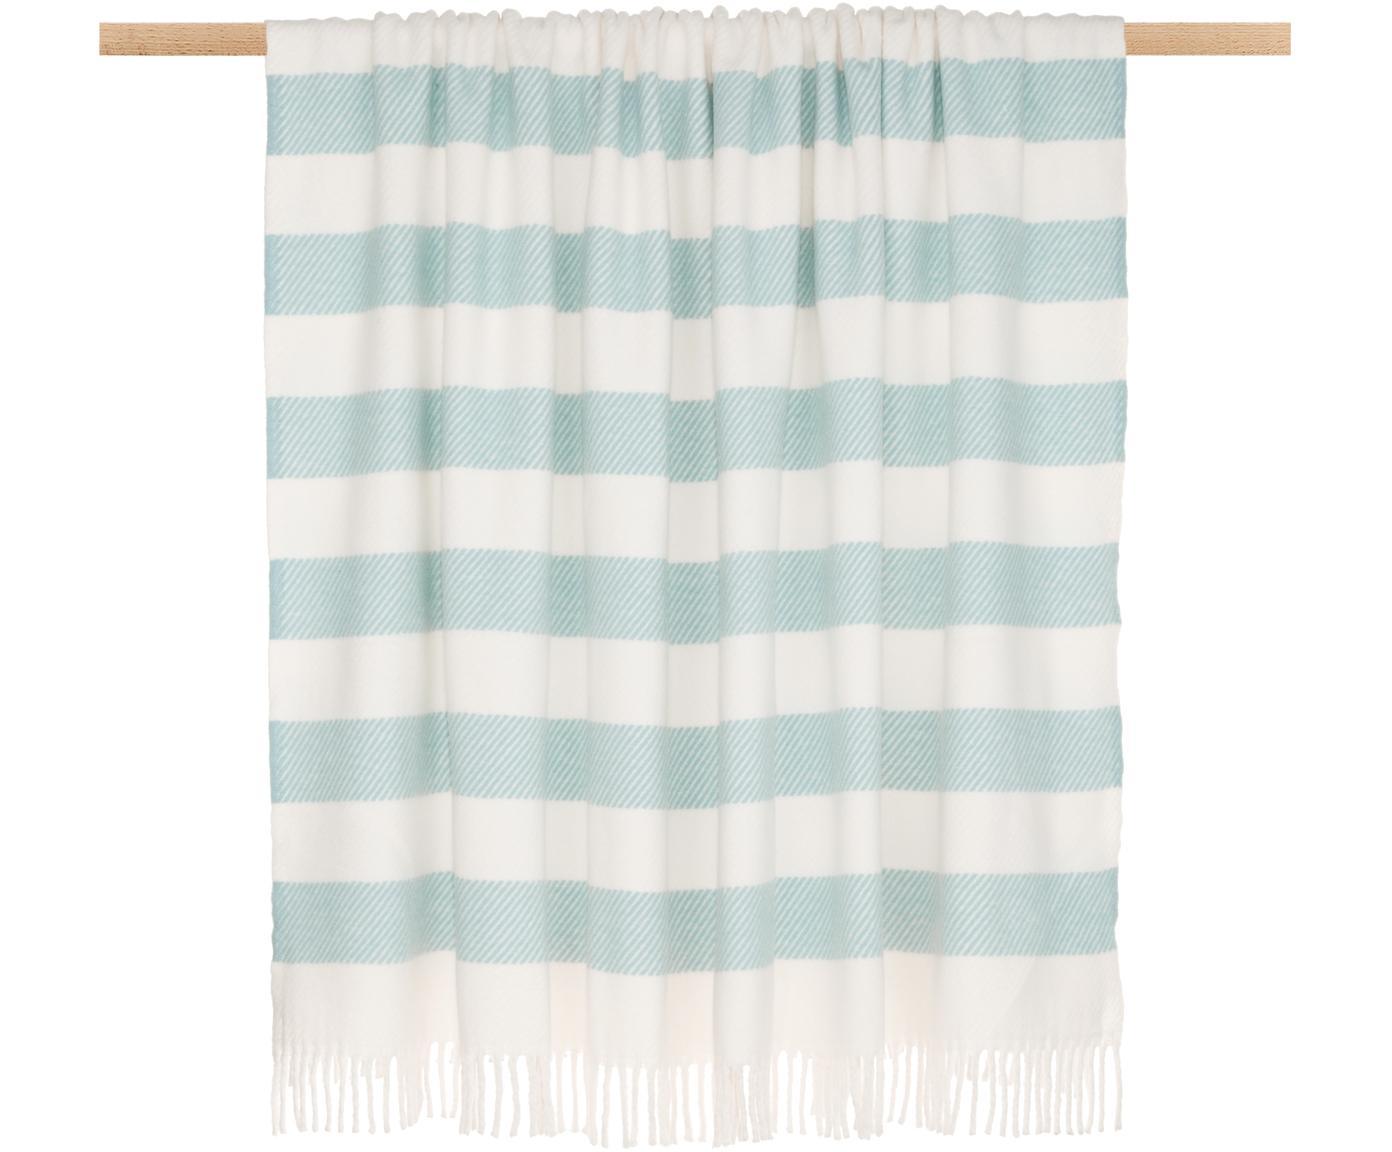 Plaid Candy, 50% Baumwolle, 50% Acryl, Himmelblau, Gebrochenes Weiß, 140 x 180 cm